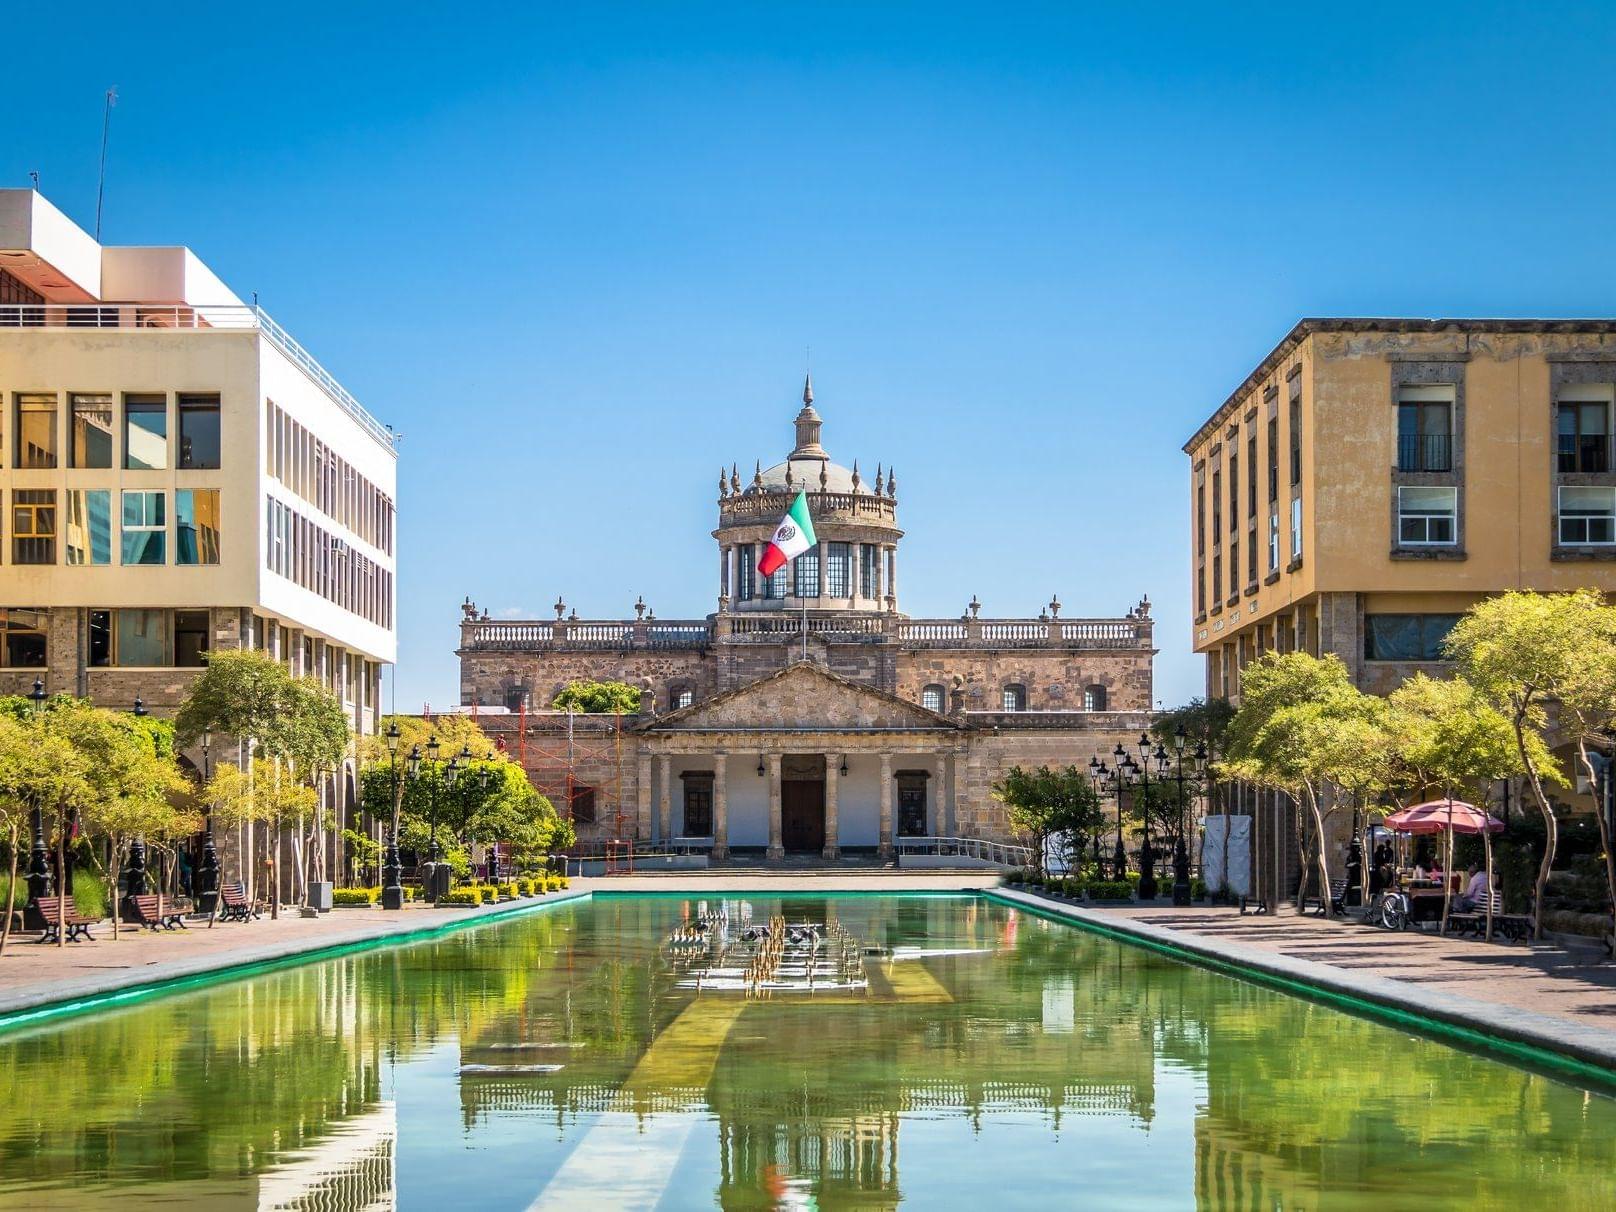 Hospicio Cabañas City Center in the Guadalajara city